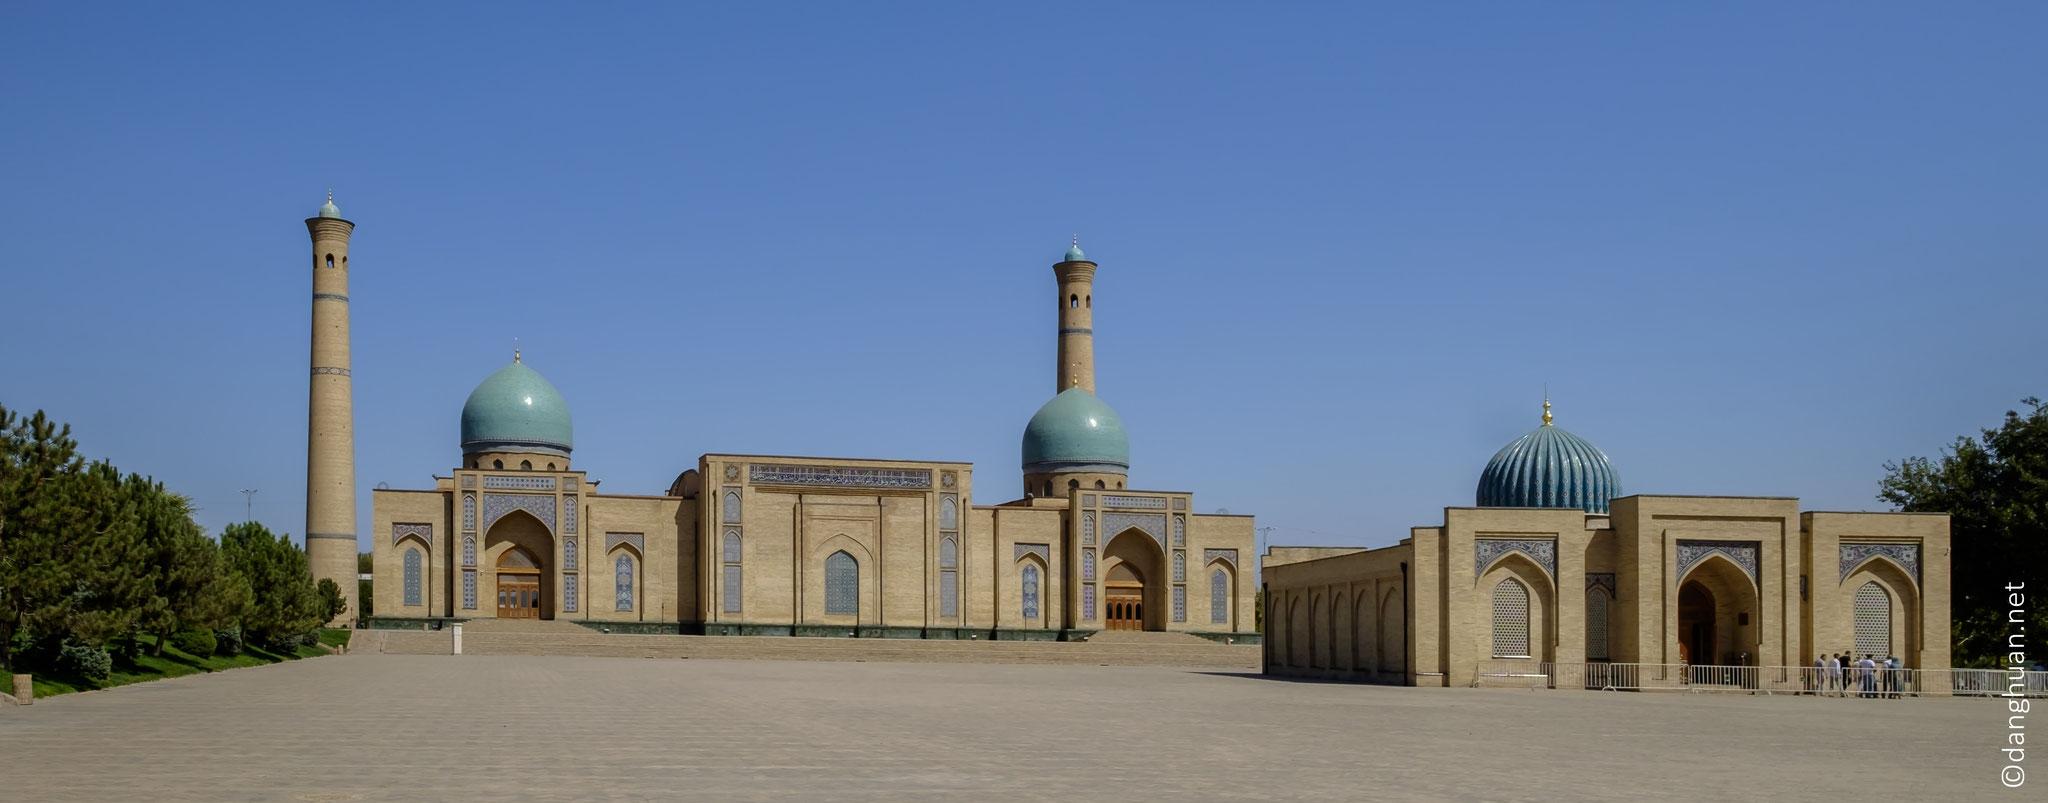 Hazrat Iman ensemble : l'Institut Al-Boukhari (à gauche) et la mosquée Tellia Cheikh (à droite)